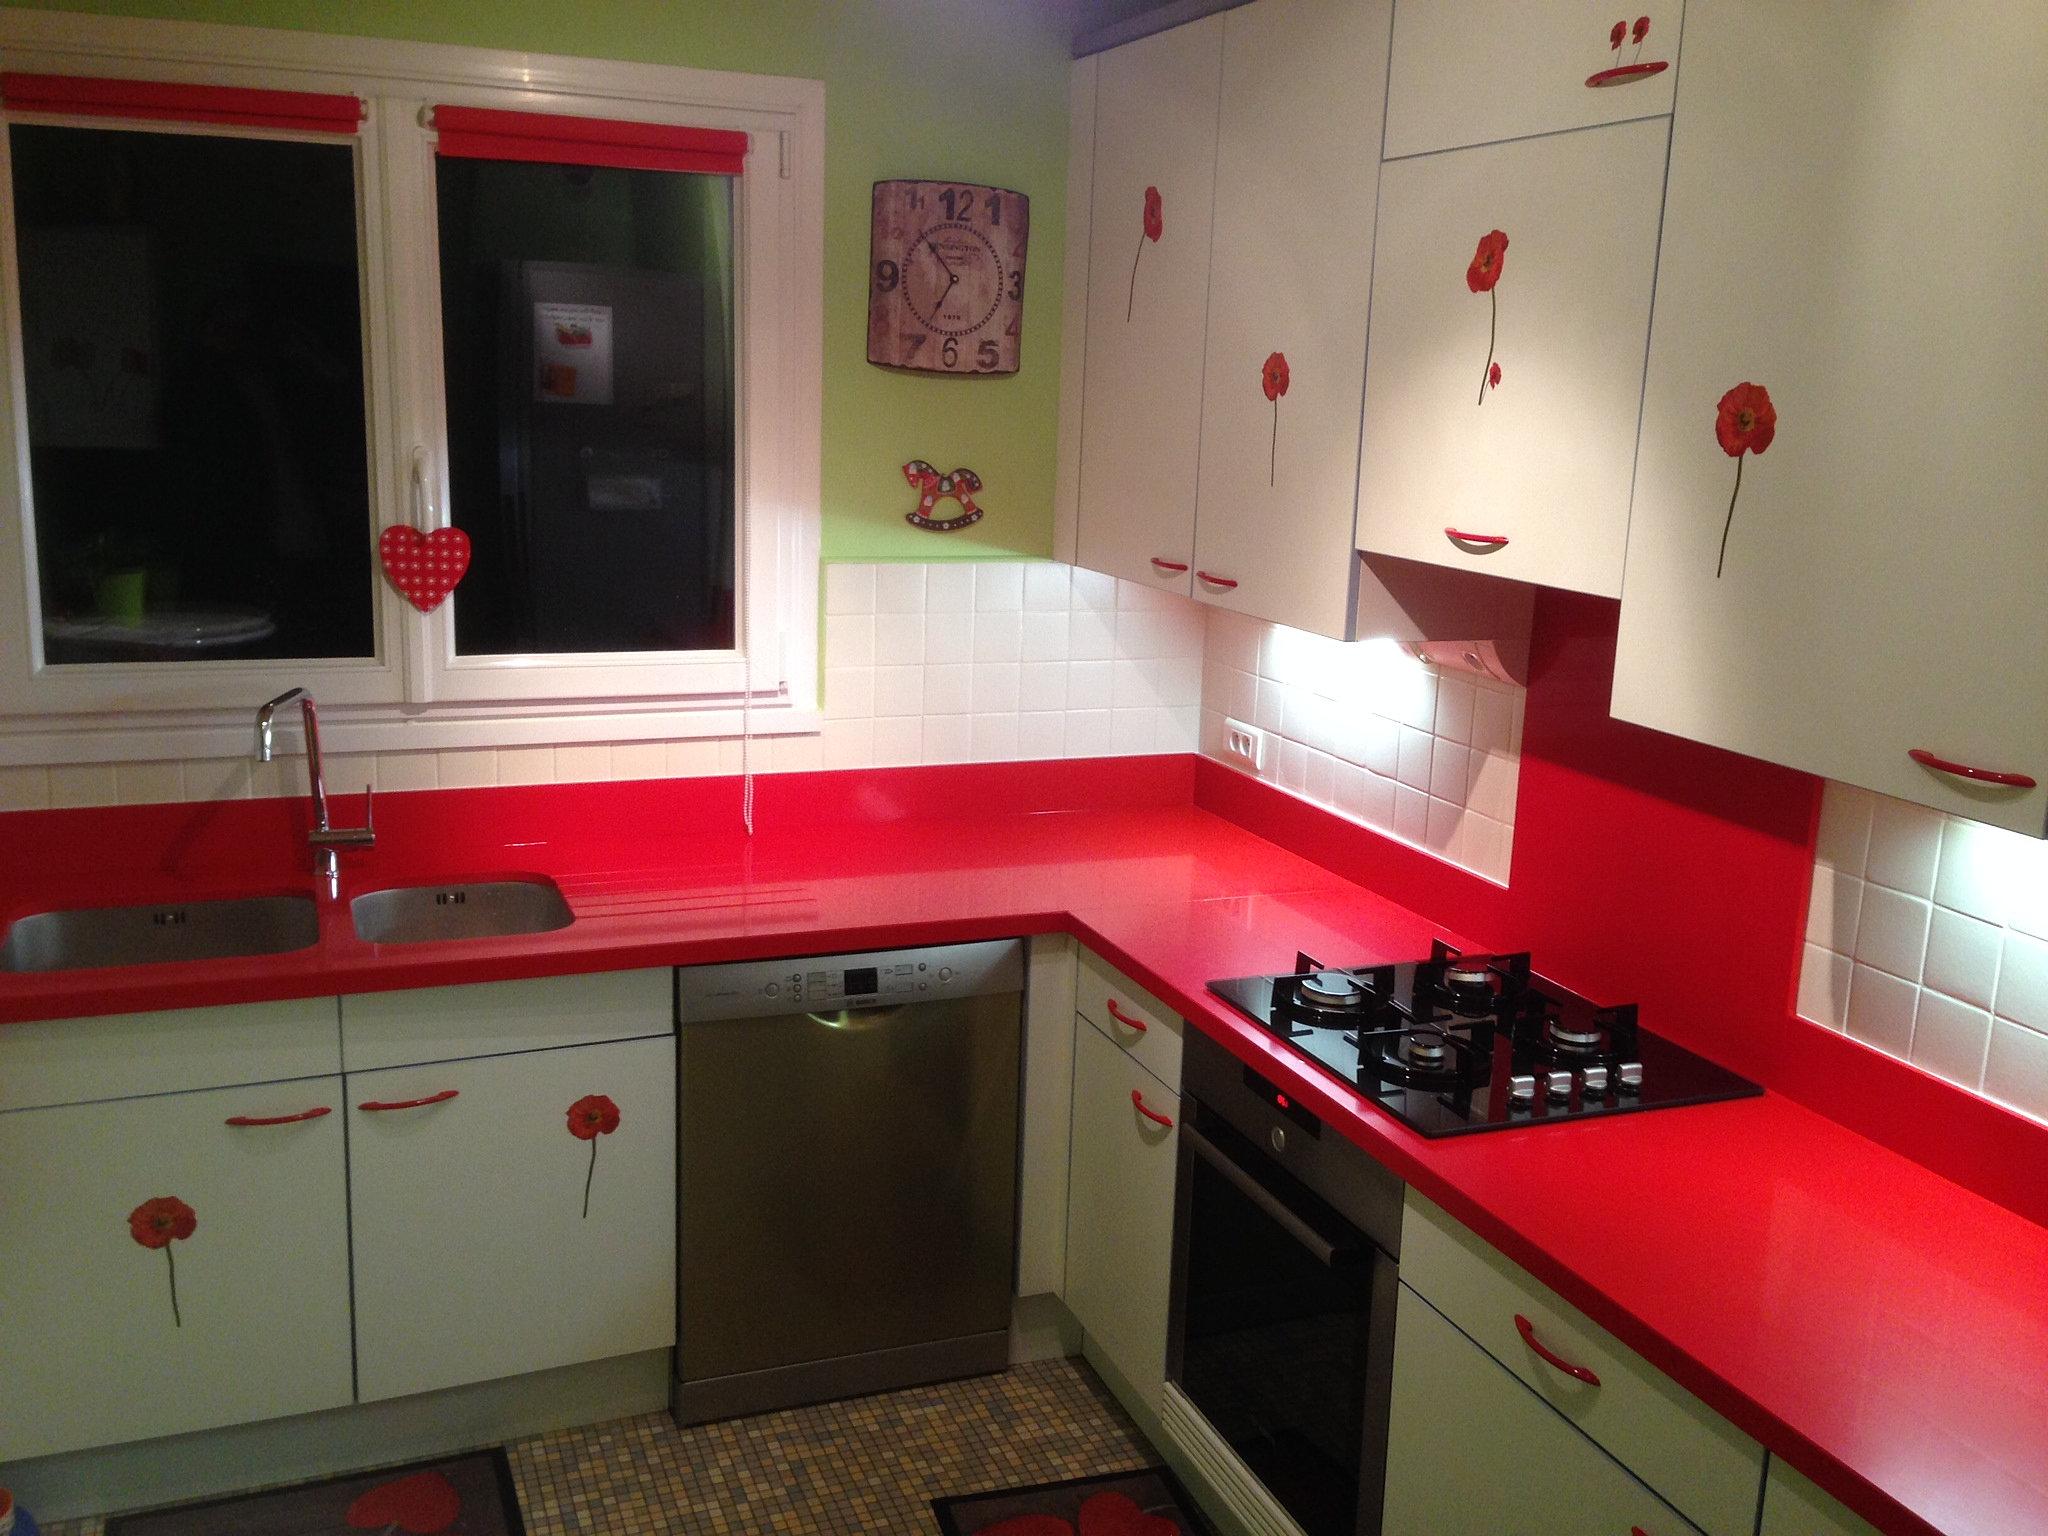 plan de travail granit quartz table en mabre paris essonne plans de travail quartz 45. Black Bedroom Furniture Sets. Home Design Ideas